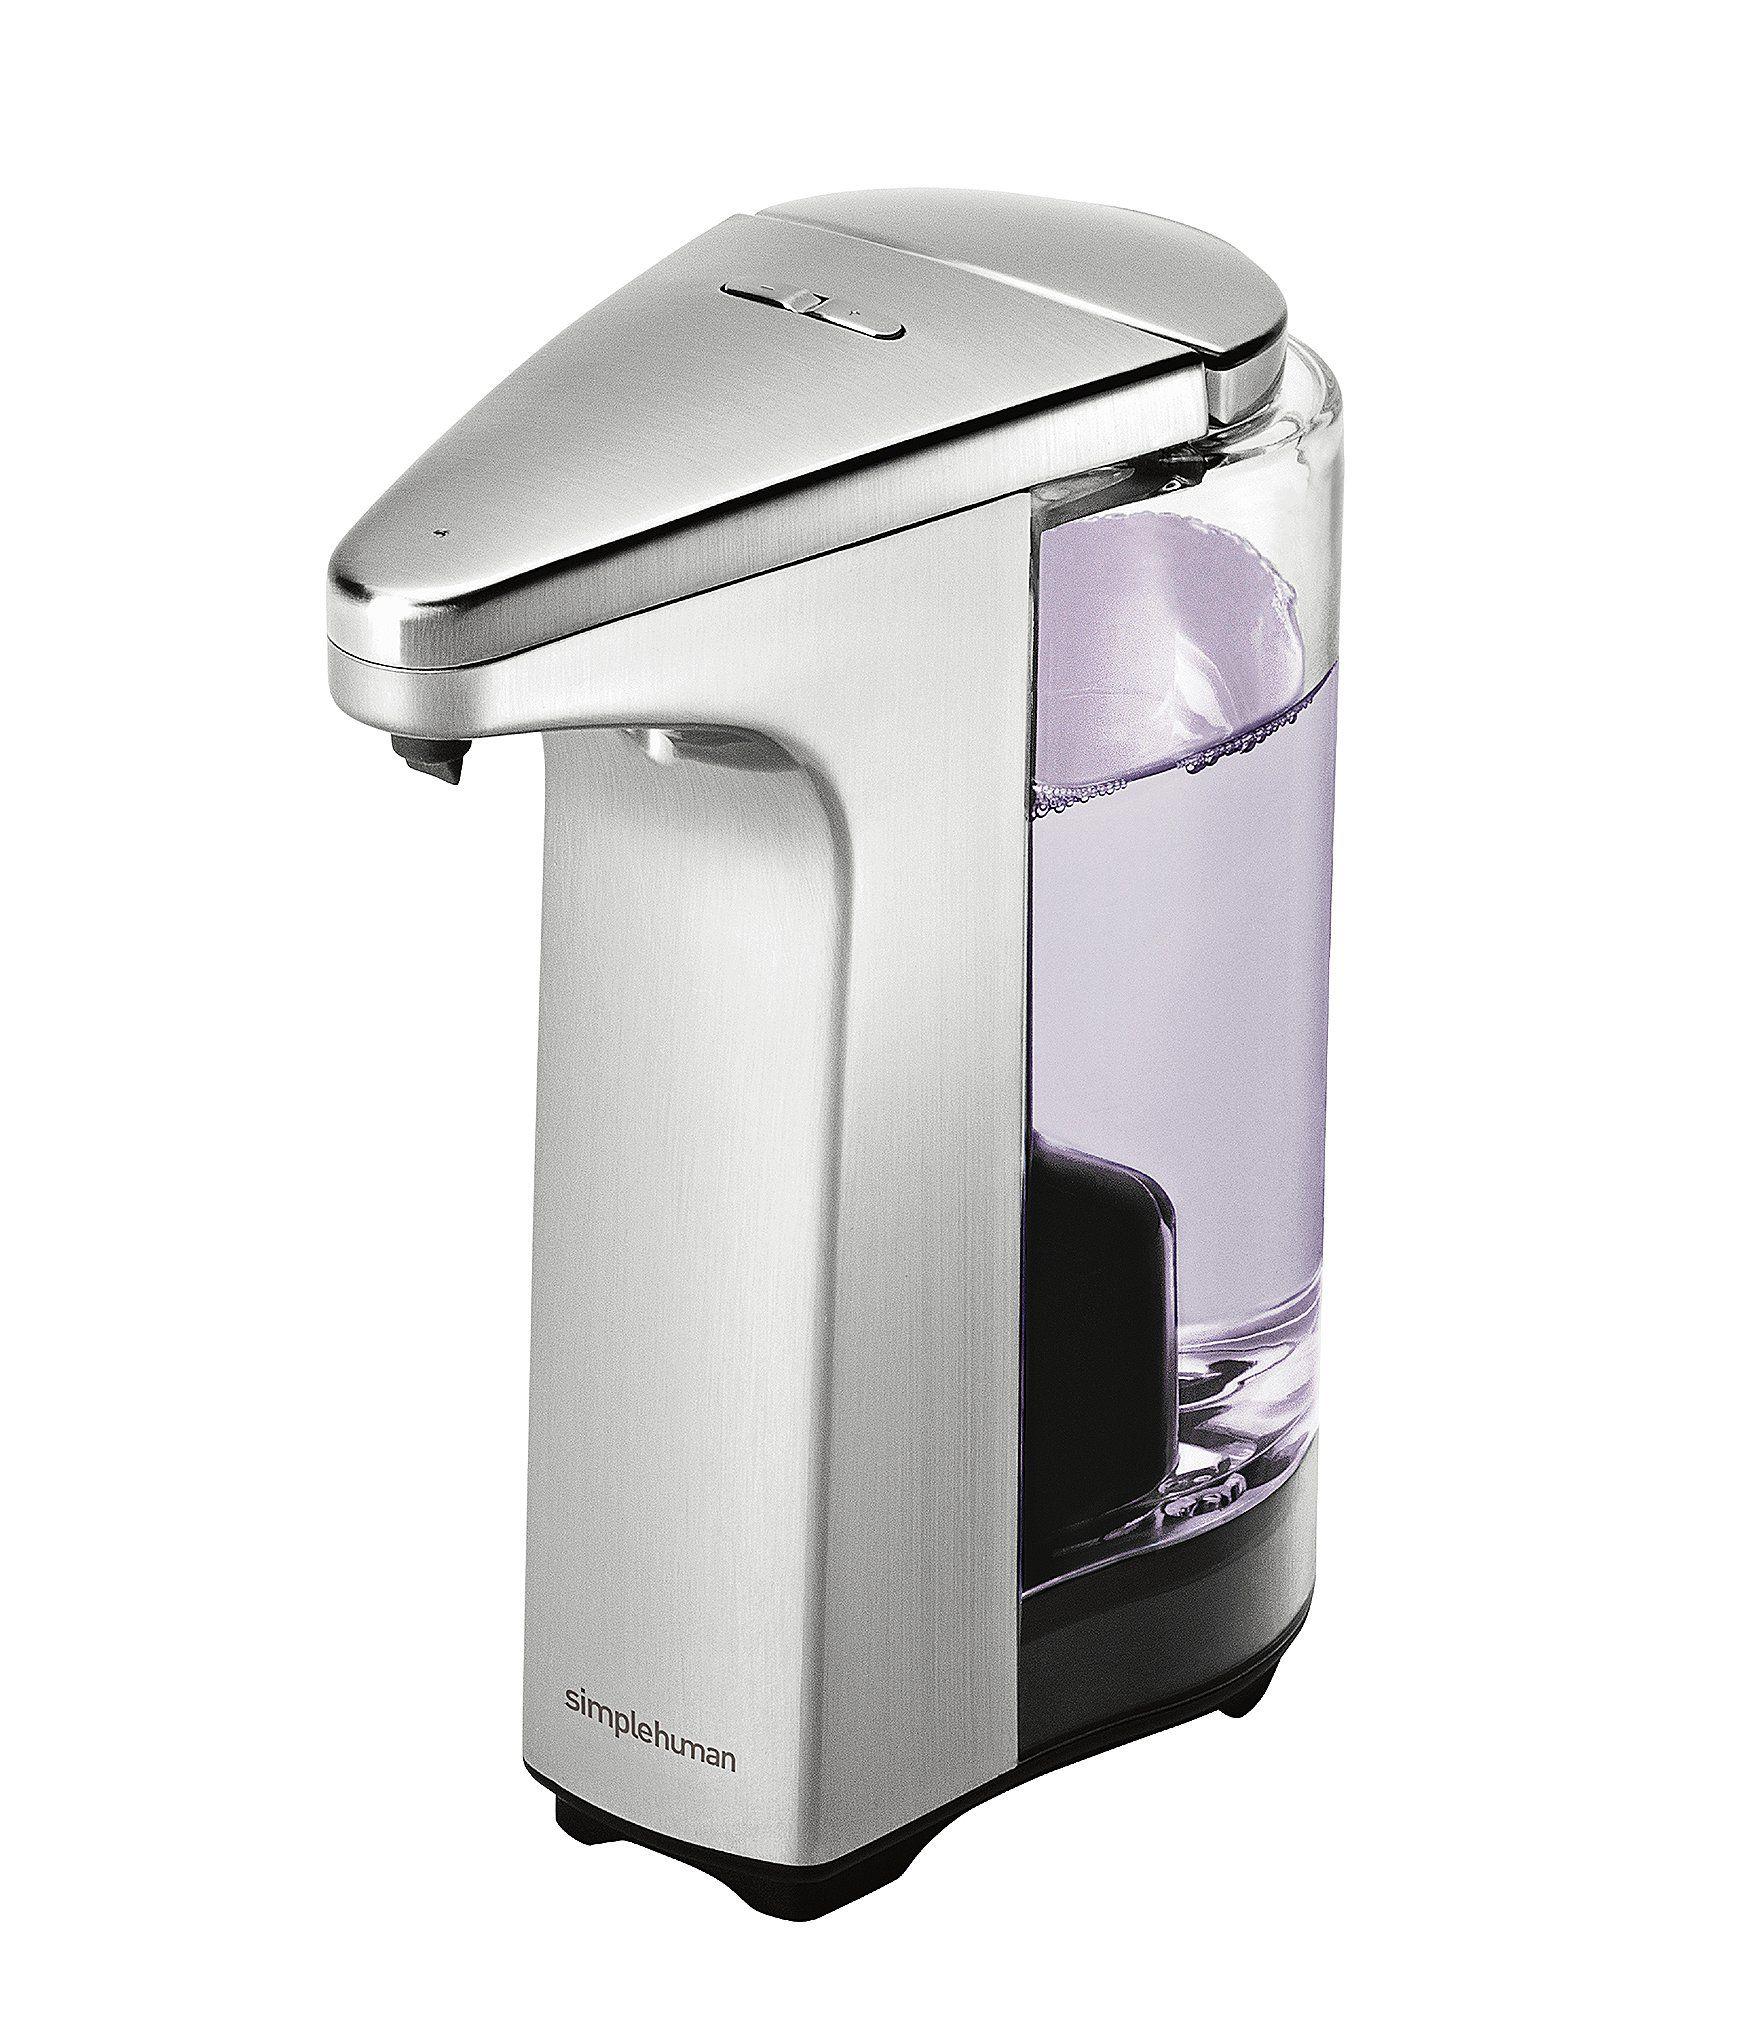 Simplehuman Compact Sensor Soap Pump In 2020 Soap Pump Soap Metal